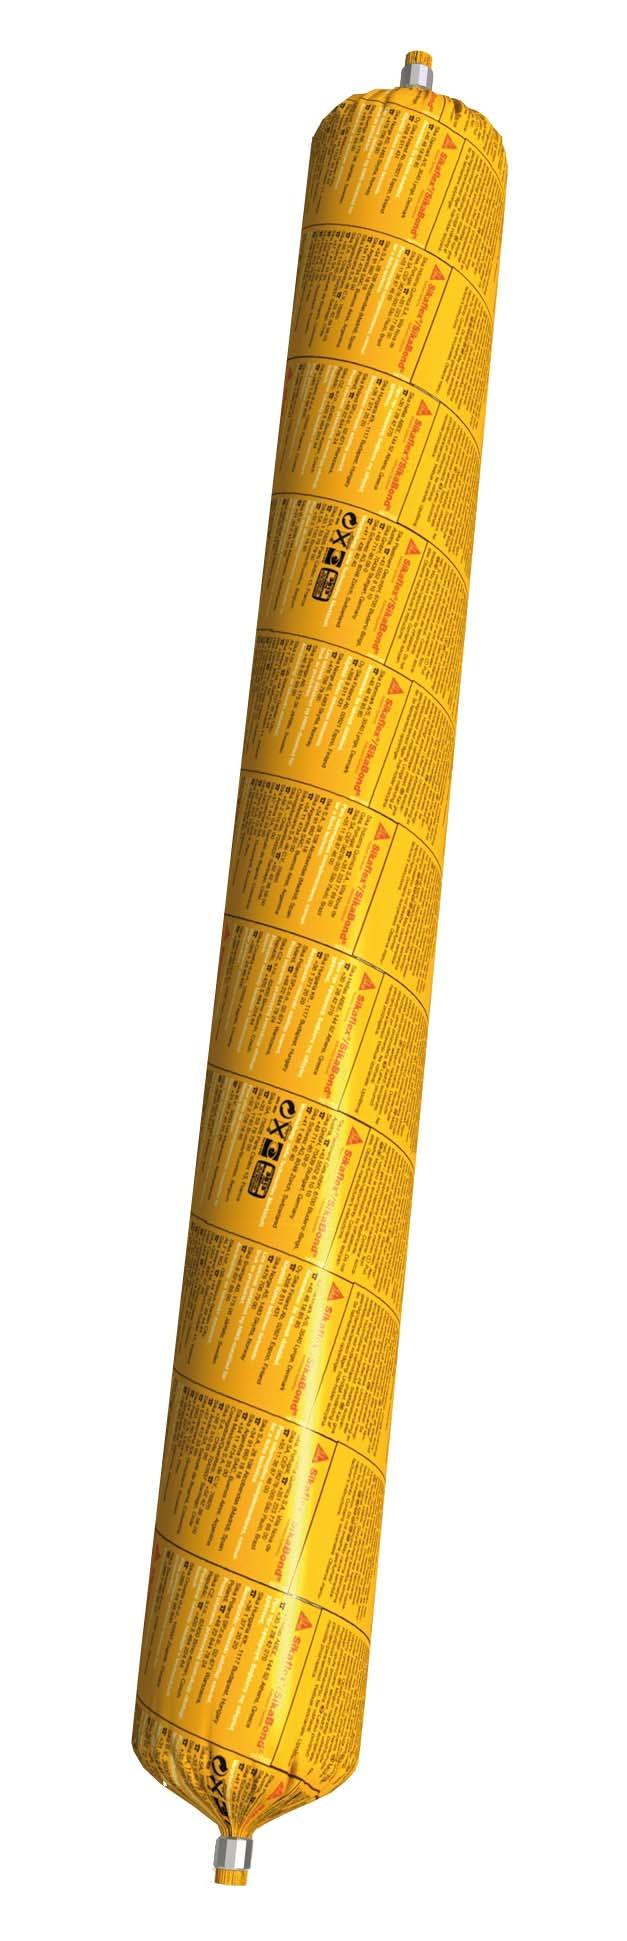 Sikaflex 113 Rapid Cure Karton 20 x 600ml Folienbeutel grau